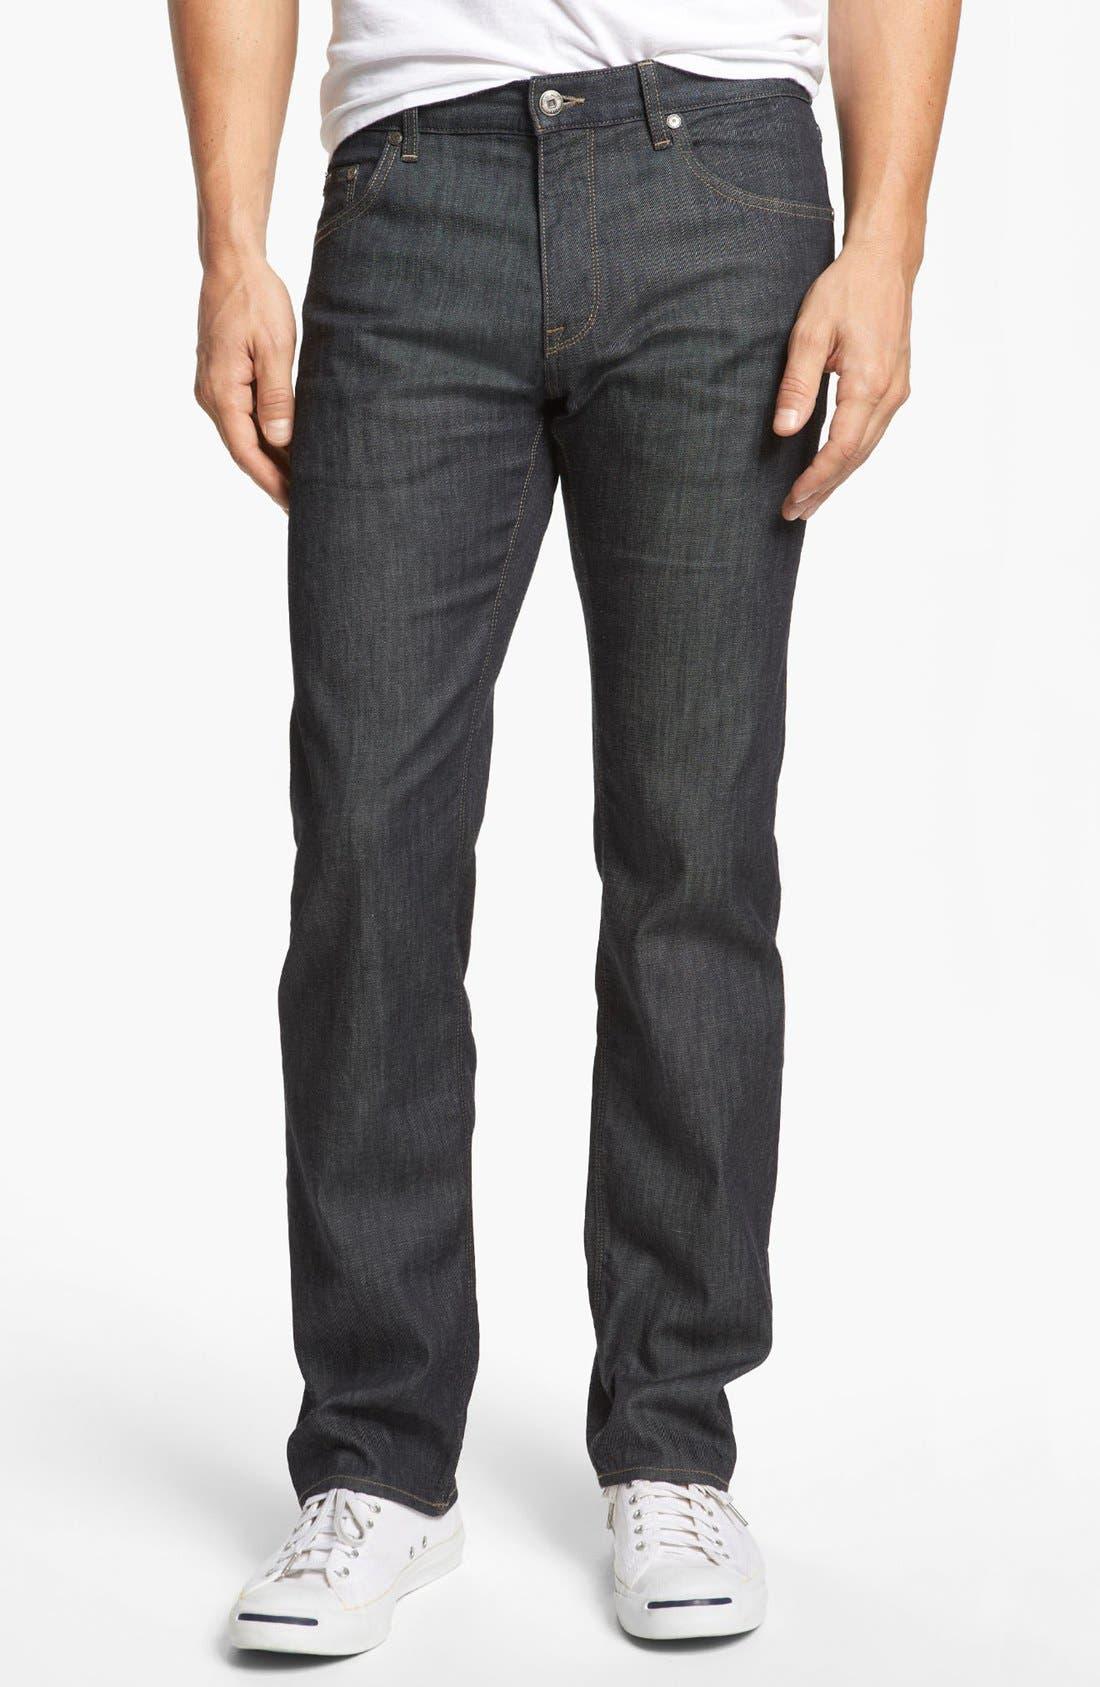 Alternate Image 1 Selected - BOSS HUGO BOSS 'Maine' Straight Leg Jeans (Rinse)